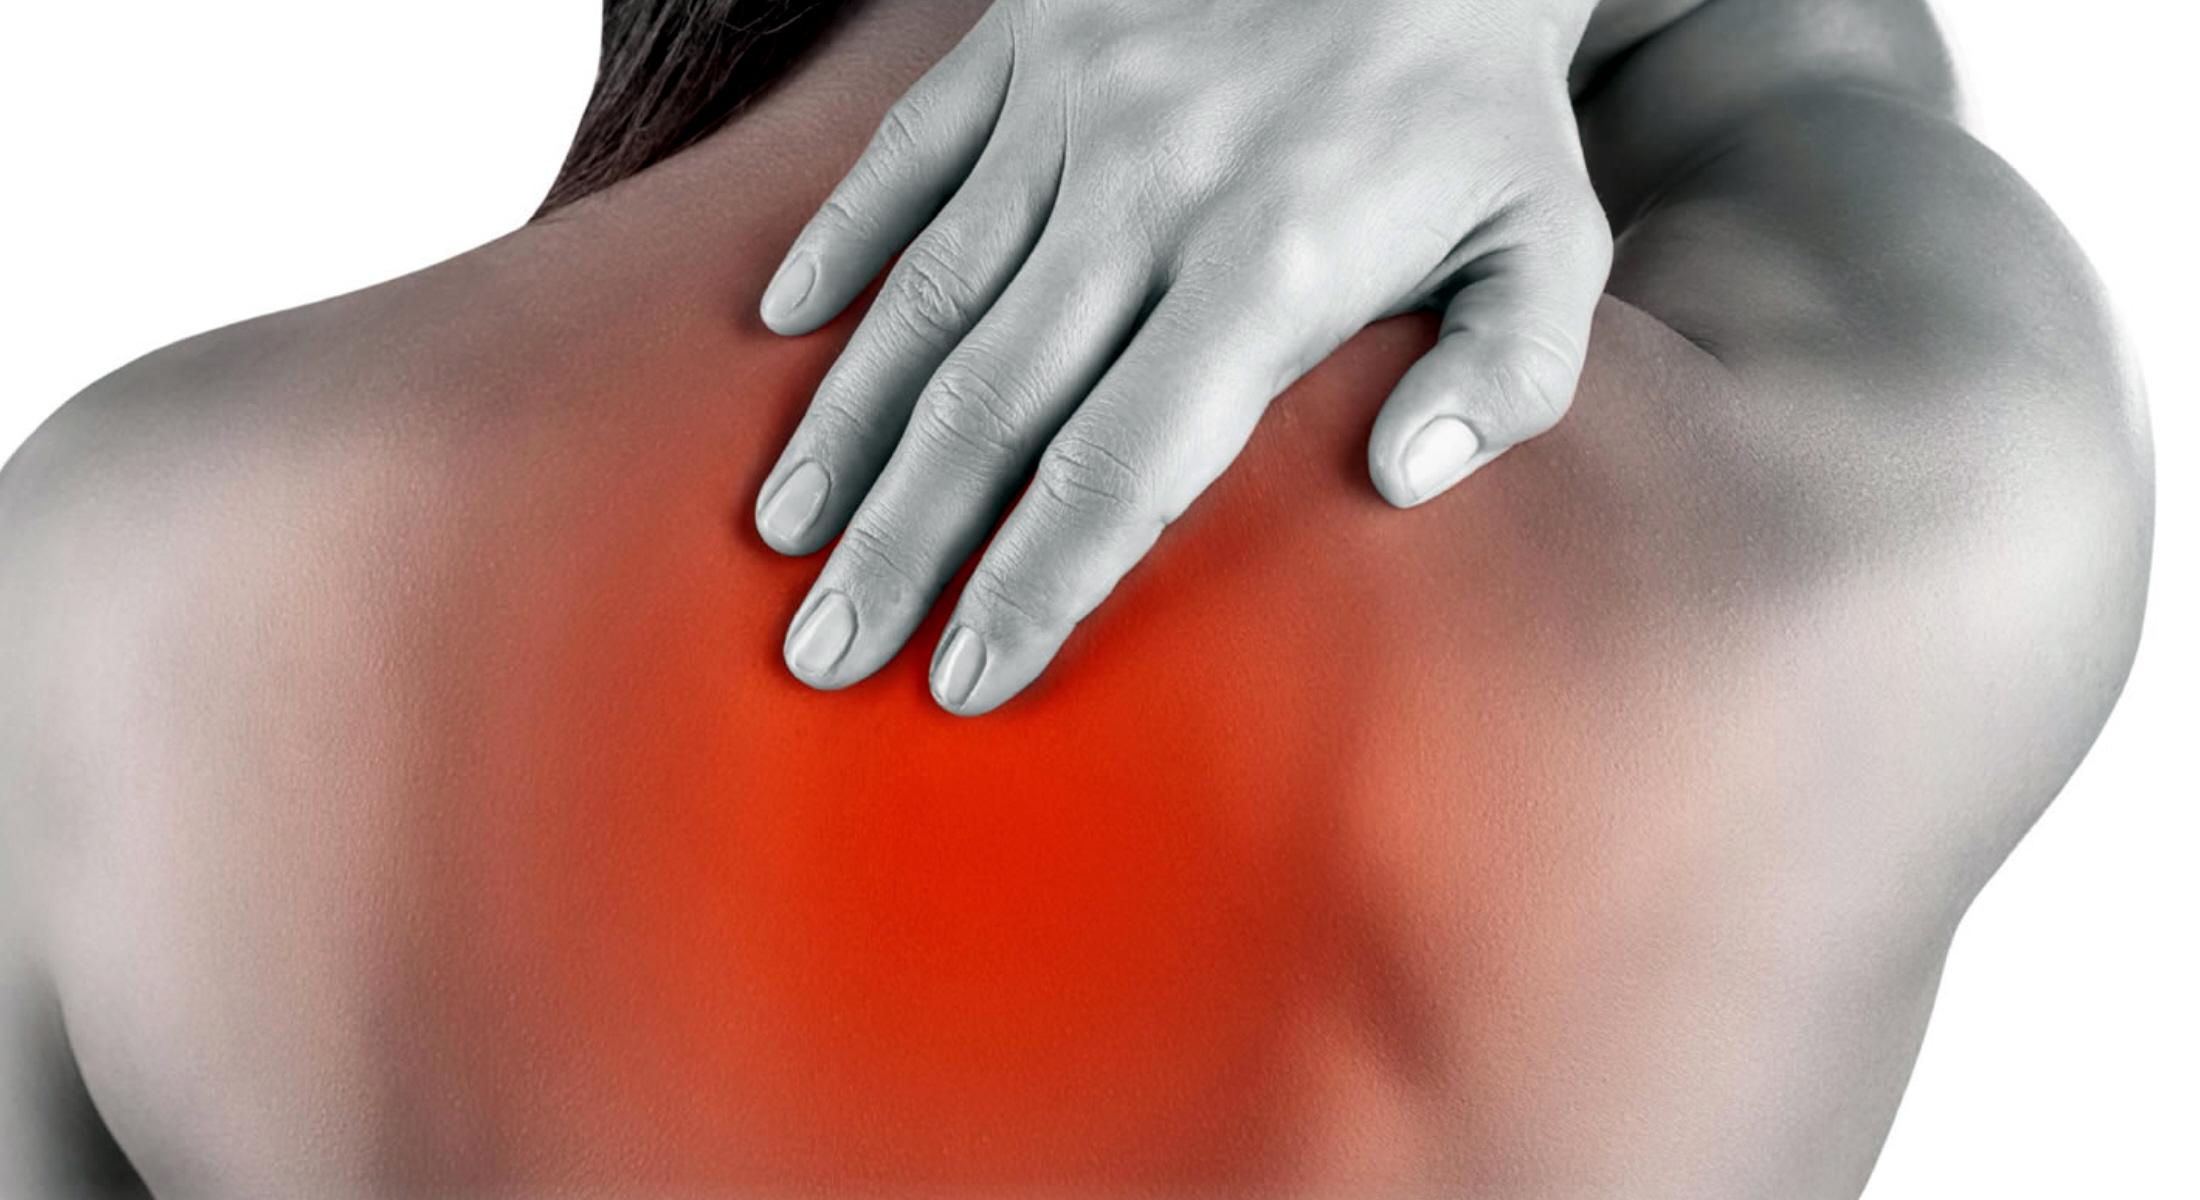 7 λόγοι που μπορεί να ευθύνονται για τον πόνο στη πλάτη σας